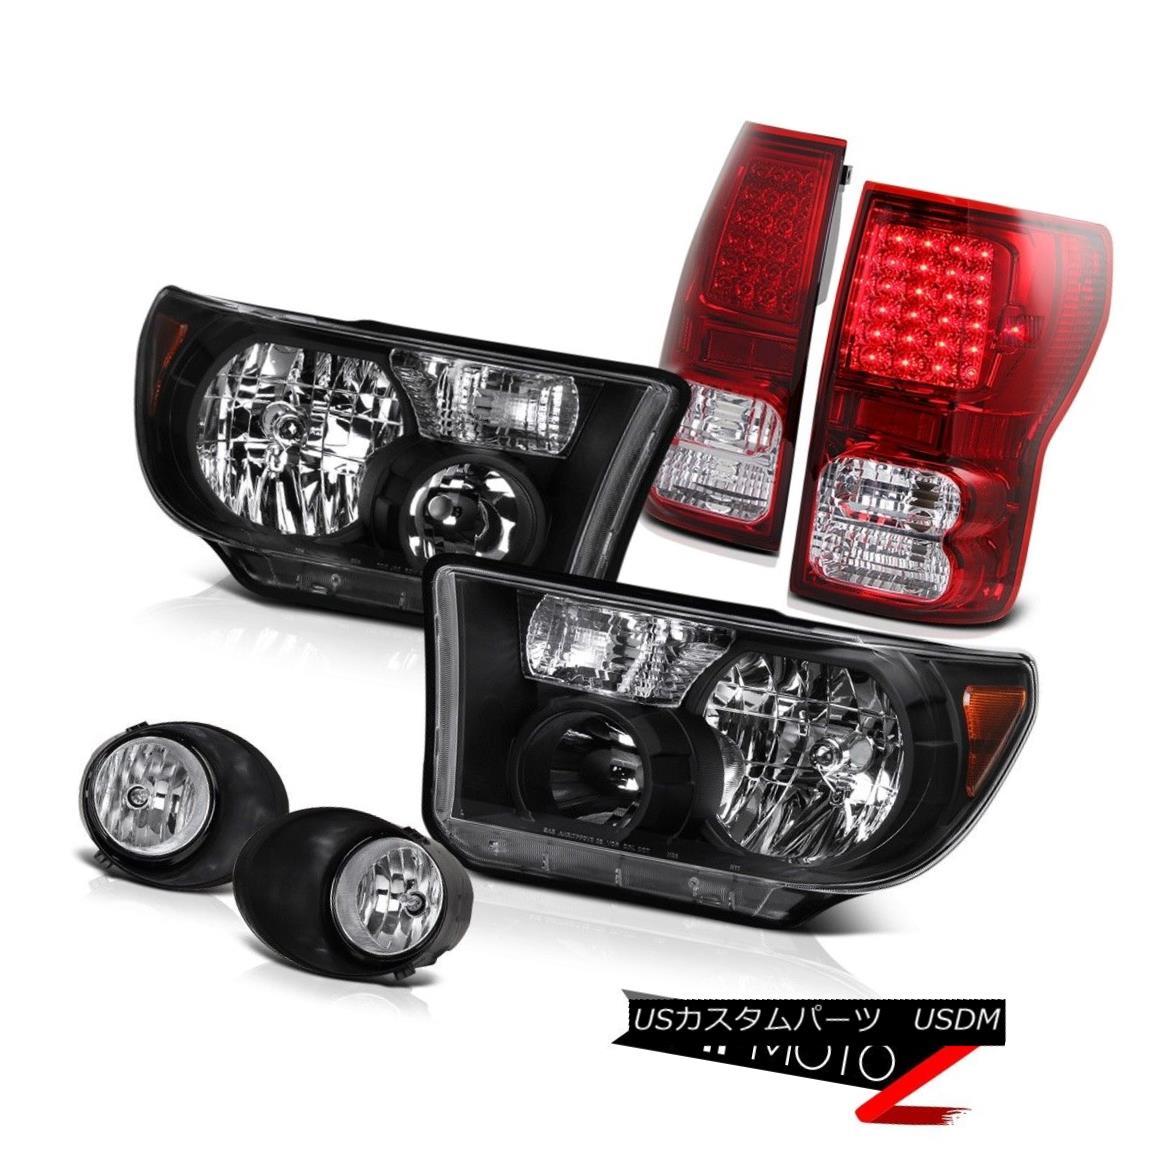 テールライト Black L+R Headlight+Led Tail Light+Fog Lamp Toyota Tundra 07-2013 ブラックL + Rヘッドライト+ Ledテールライト+ FogランプToyota Tundra 07-2013